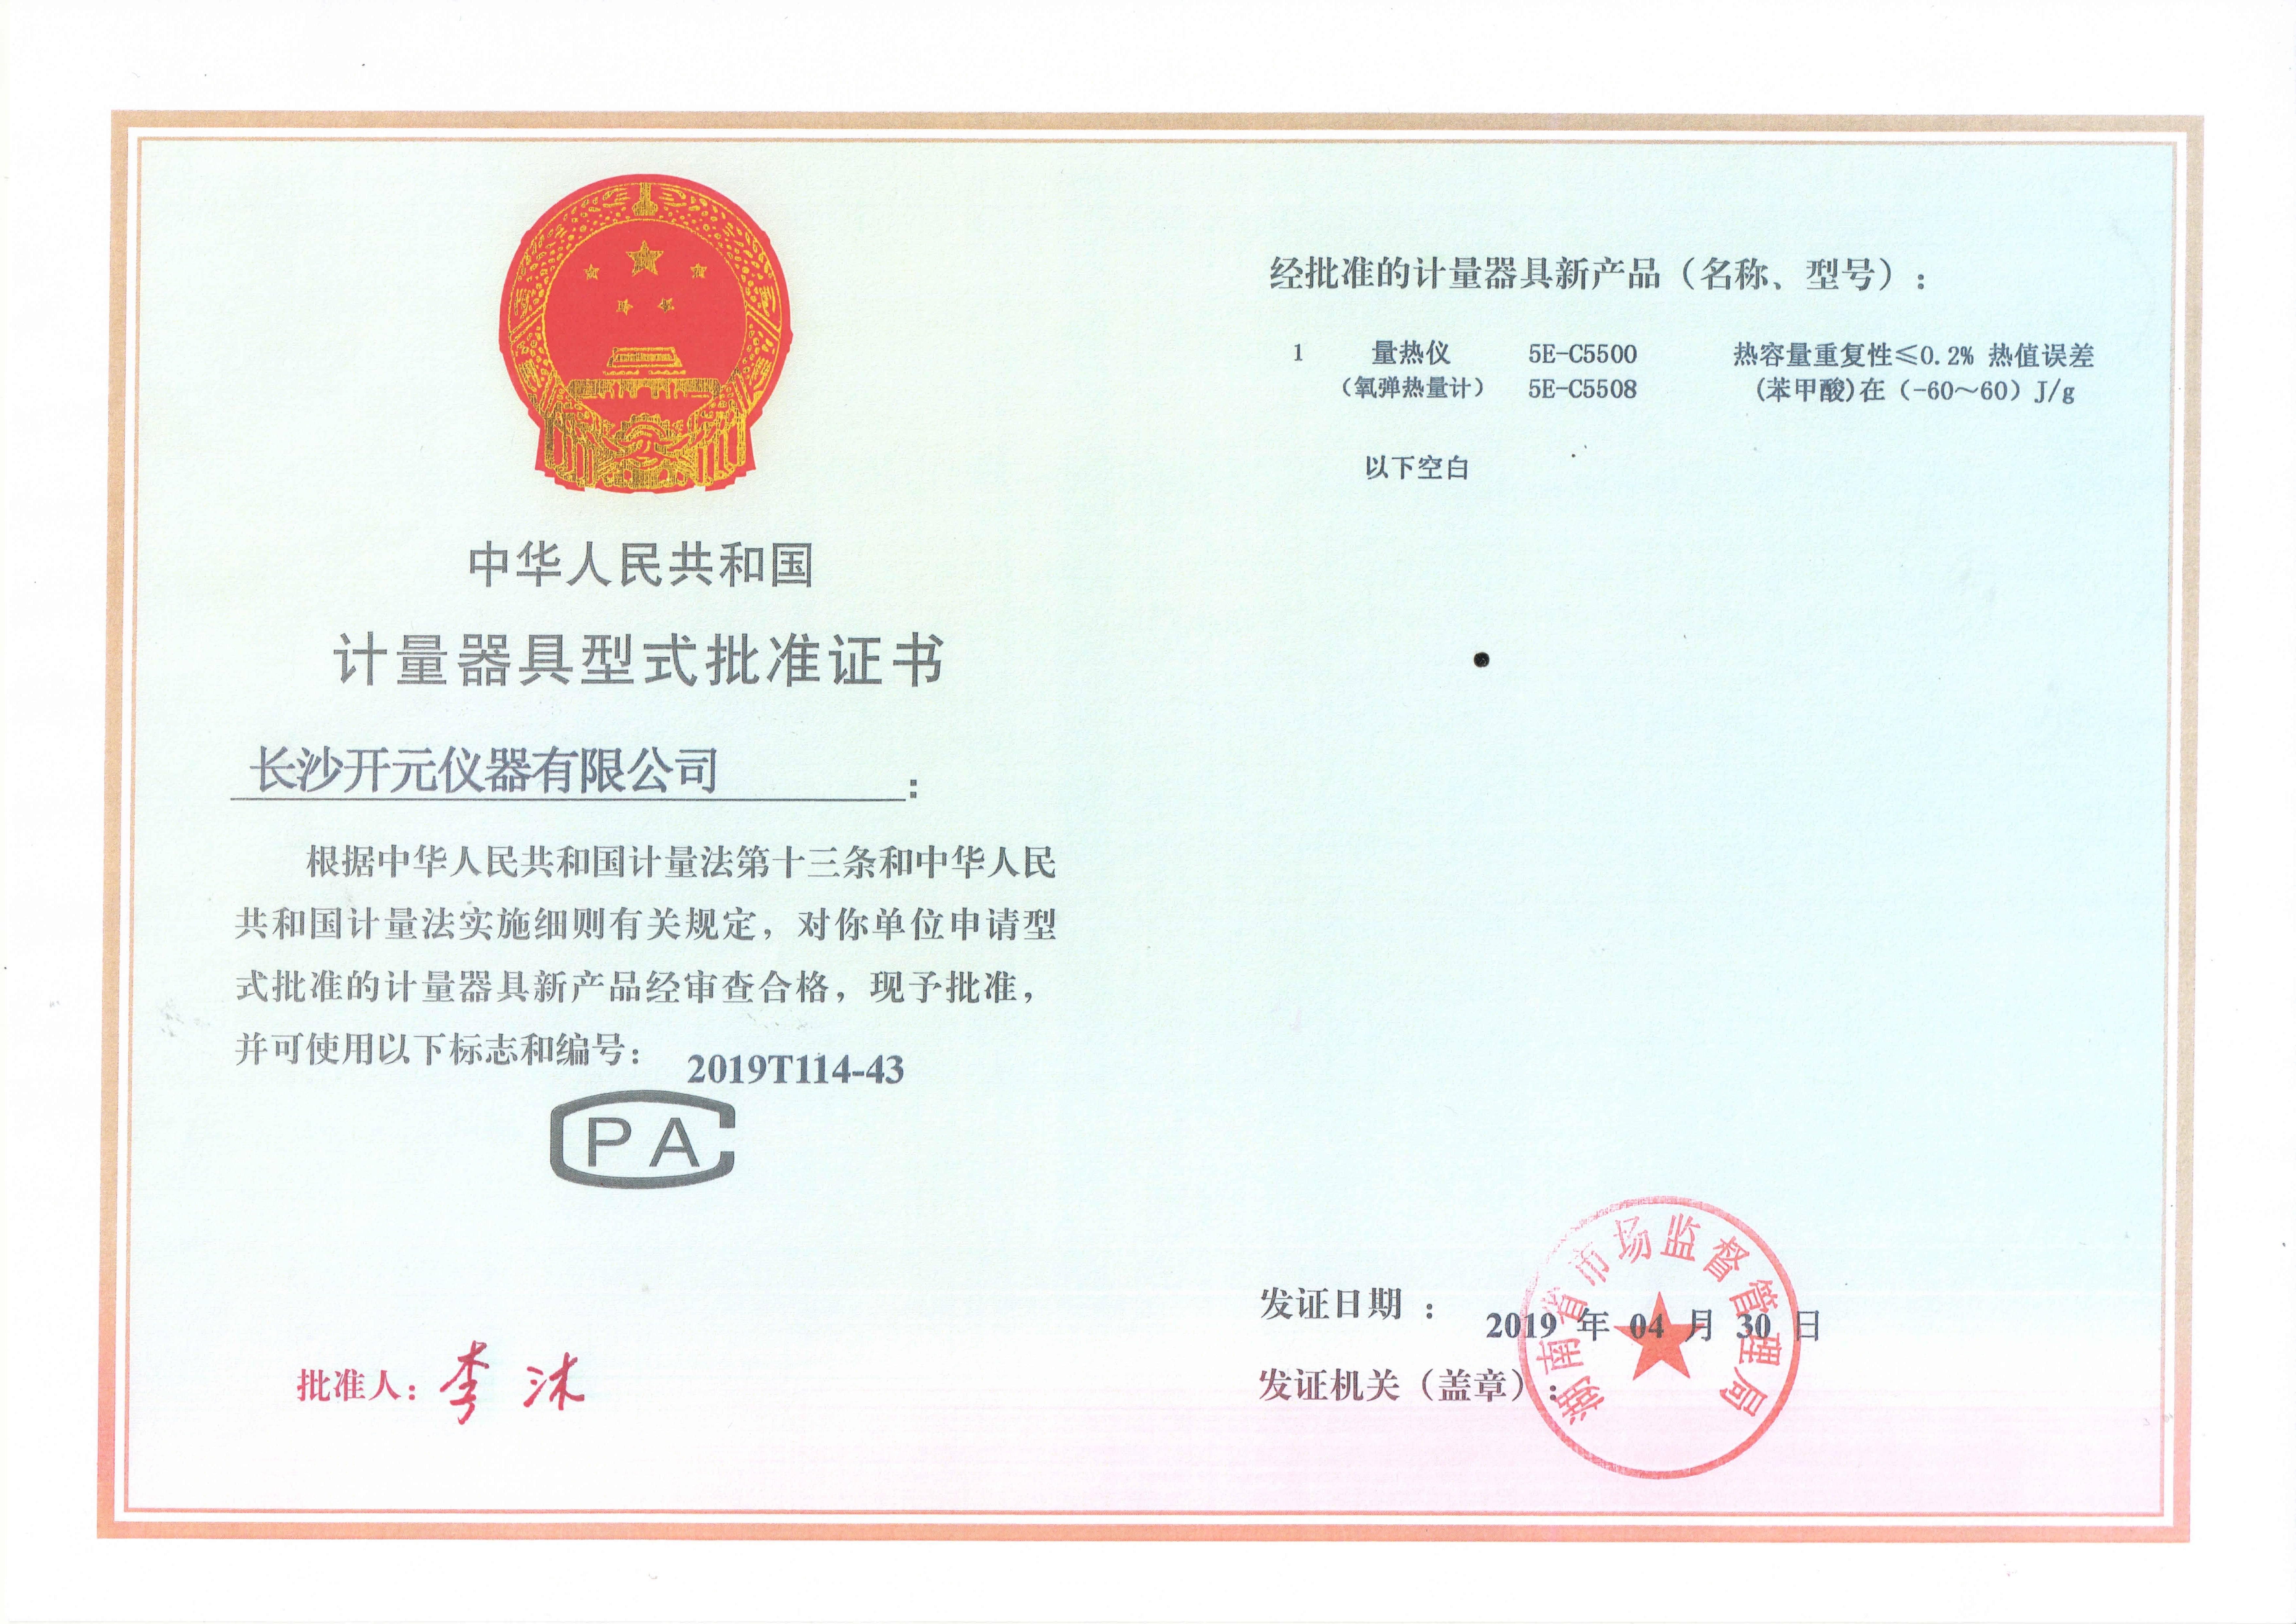 计量器具型式批准证书-量热仪5500、5508型